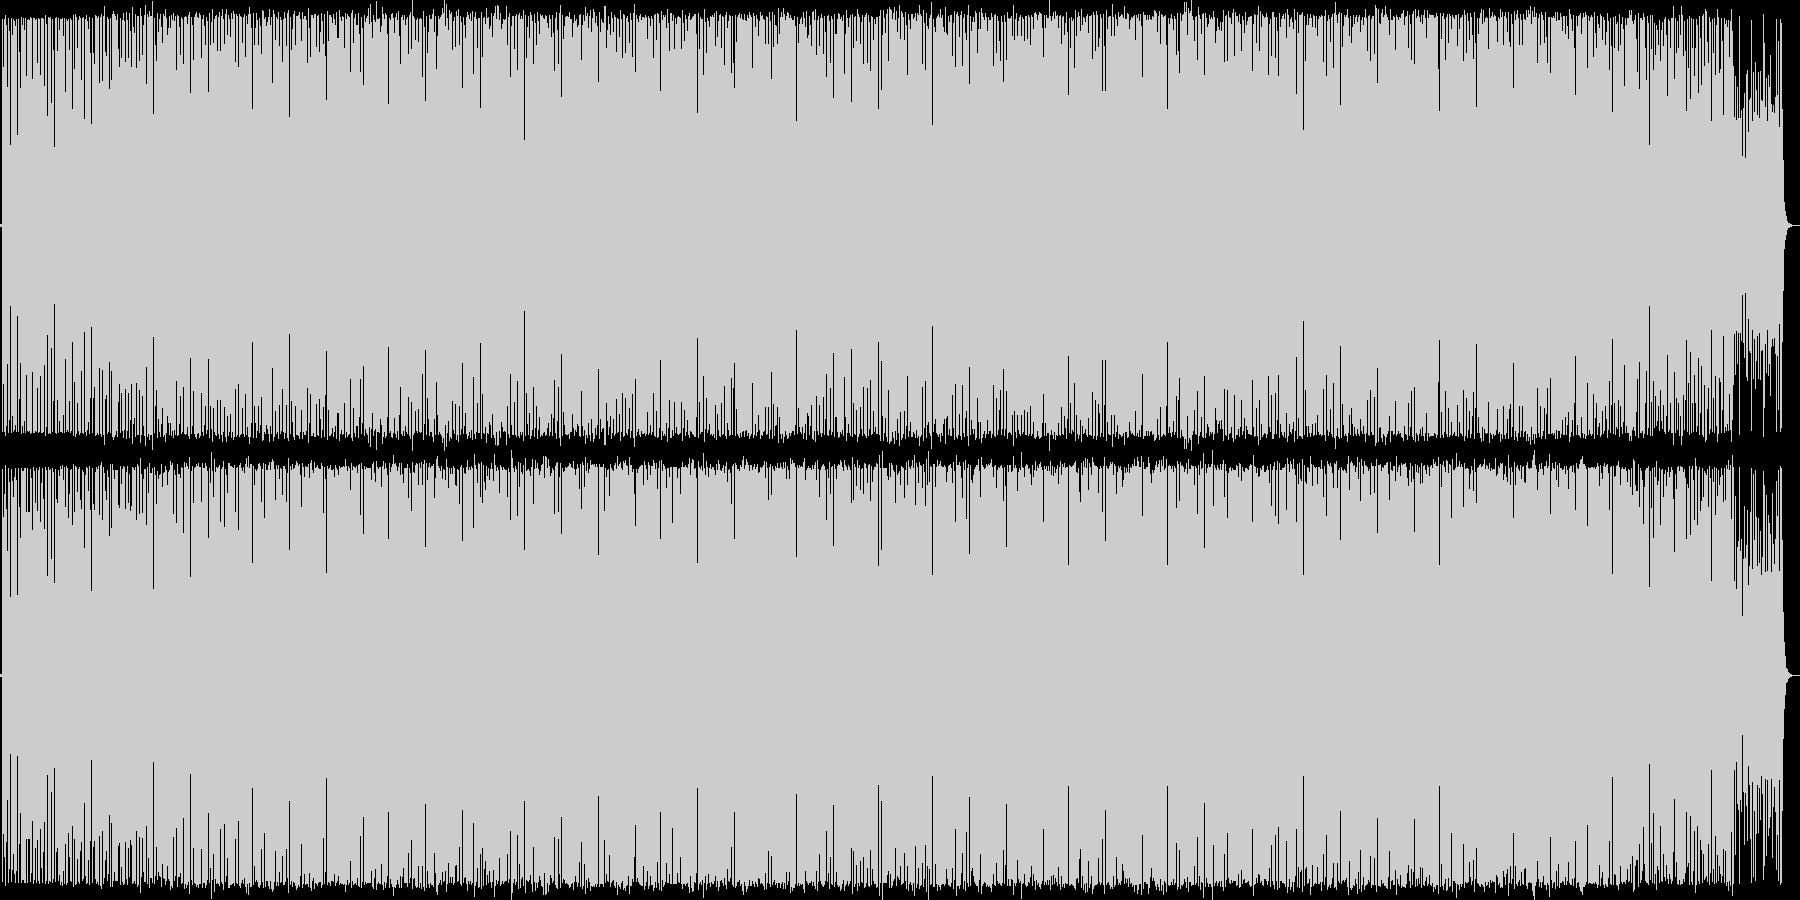 古めのハウス系インスト曲1の未再生の波形